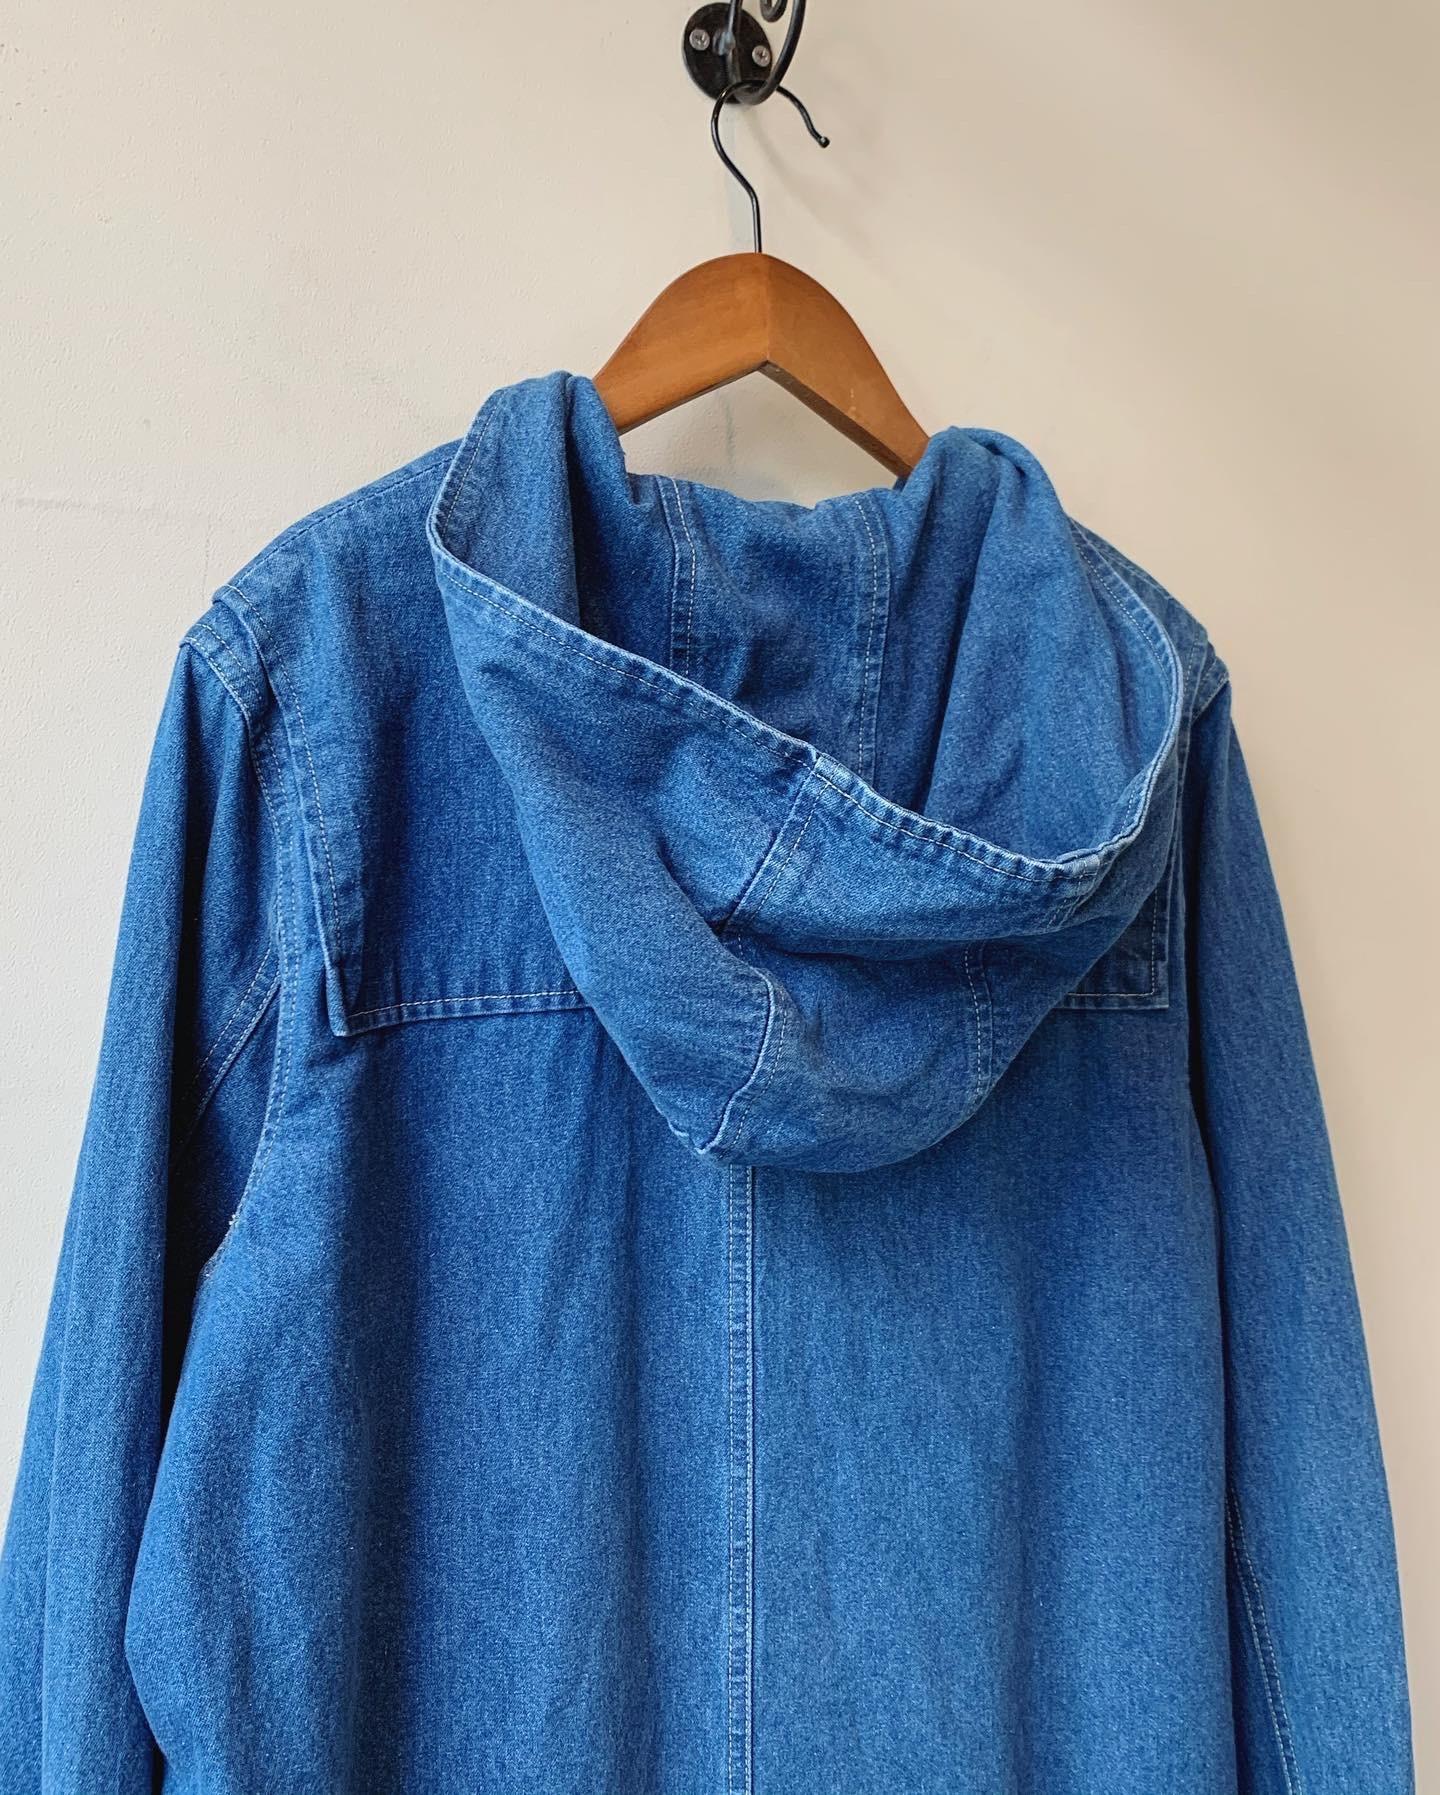 vintage hoodie denim duffle coat